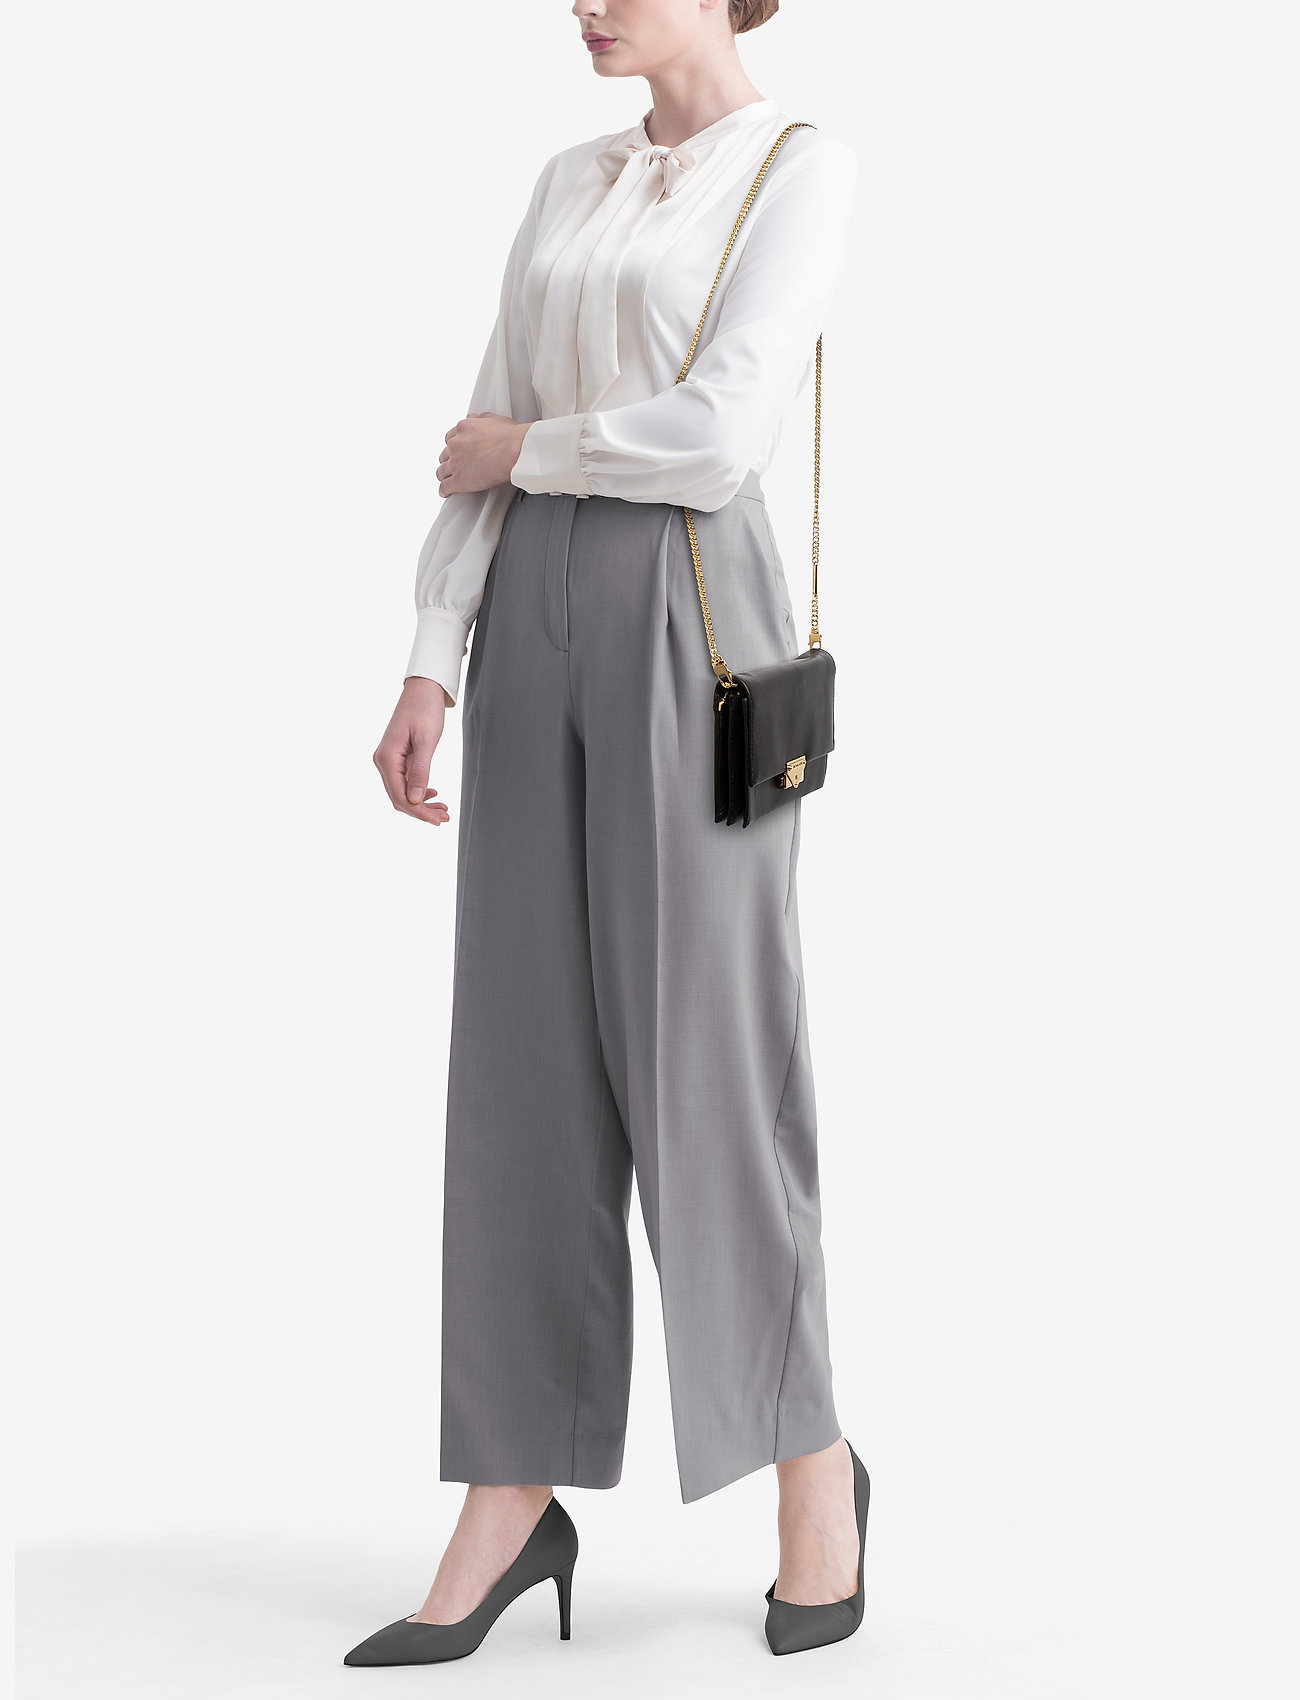 Michael Kors Bags LG CLUTCH XBODY - BLACK